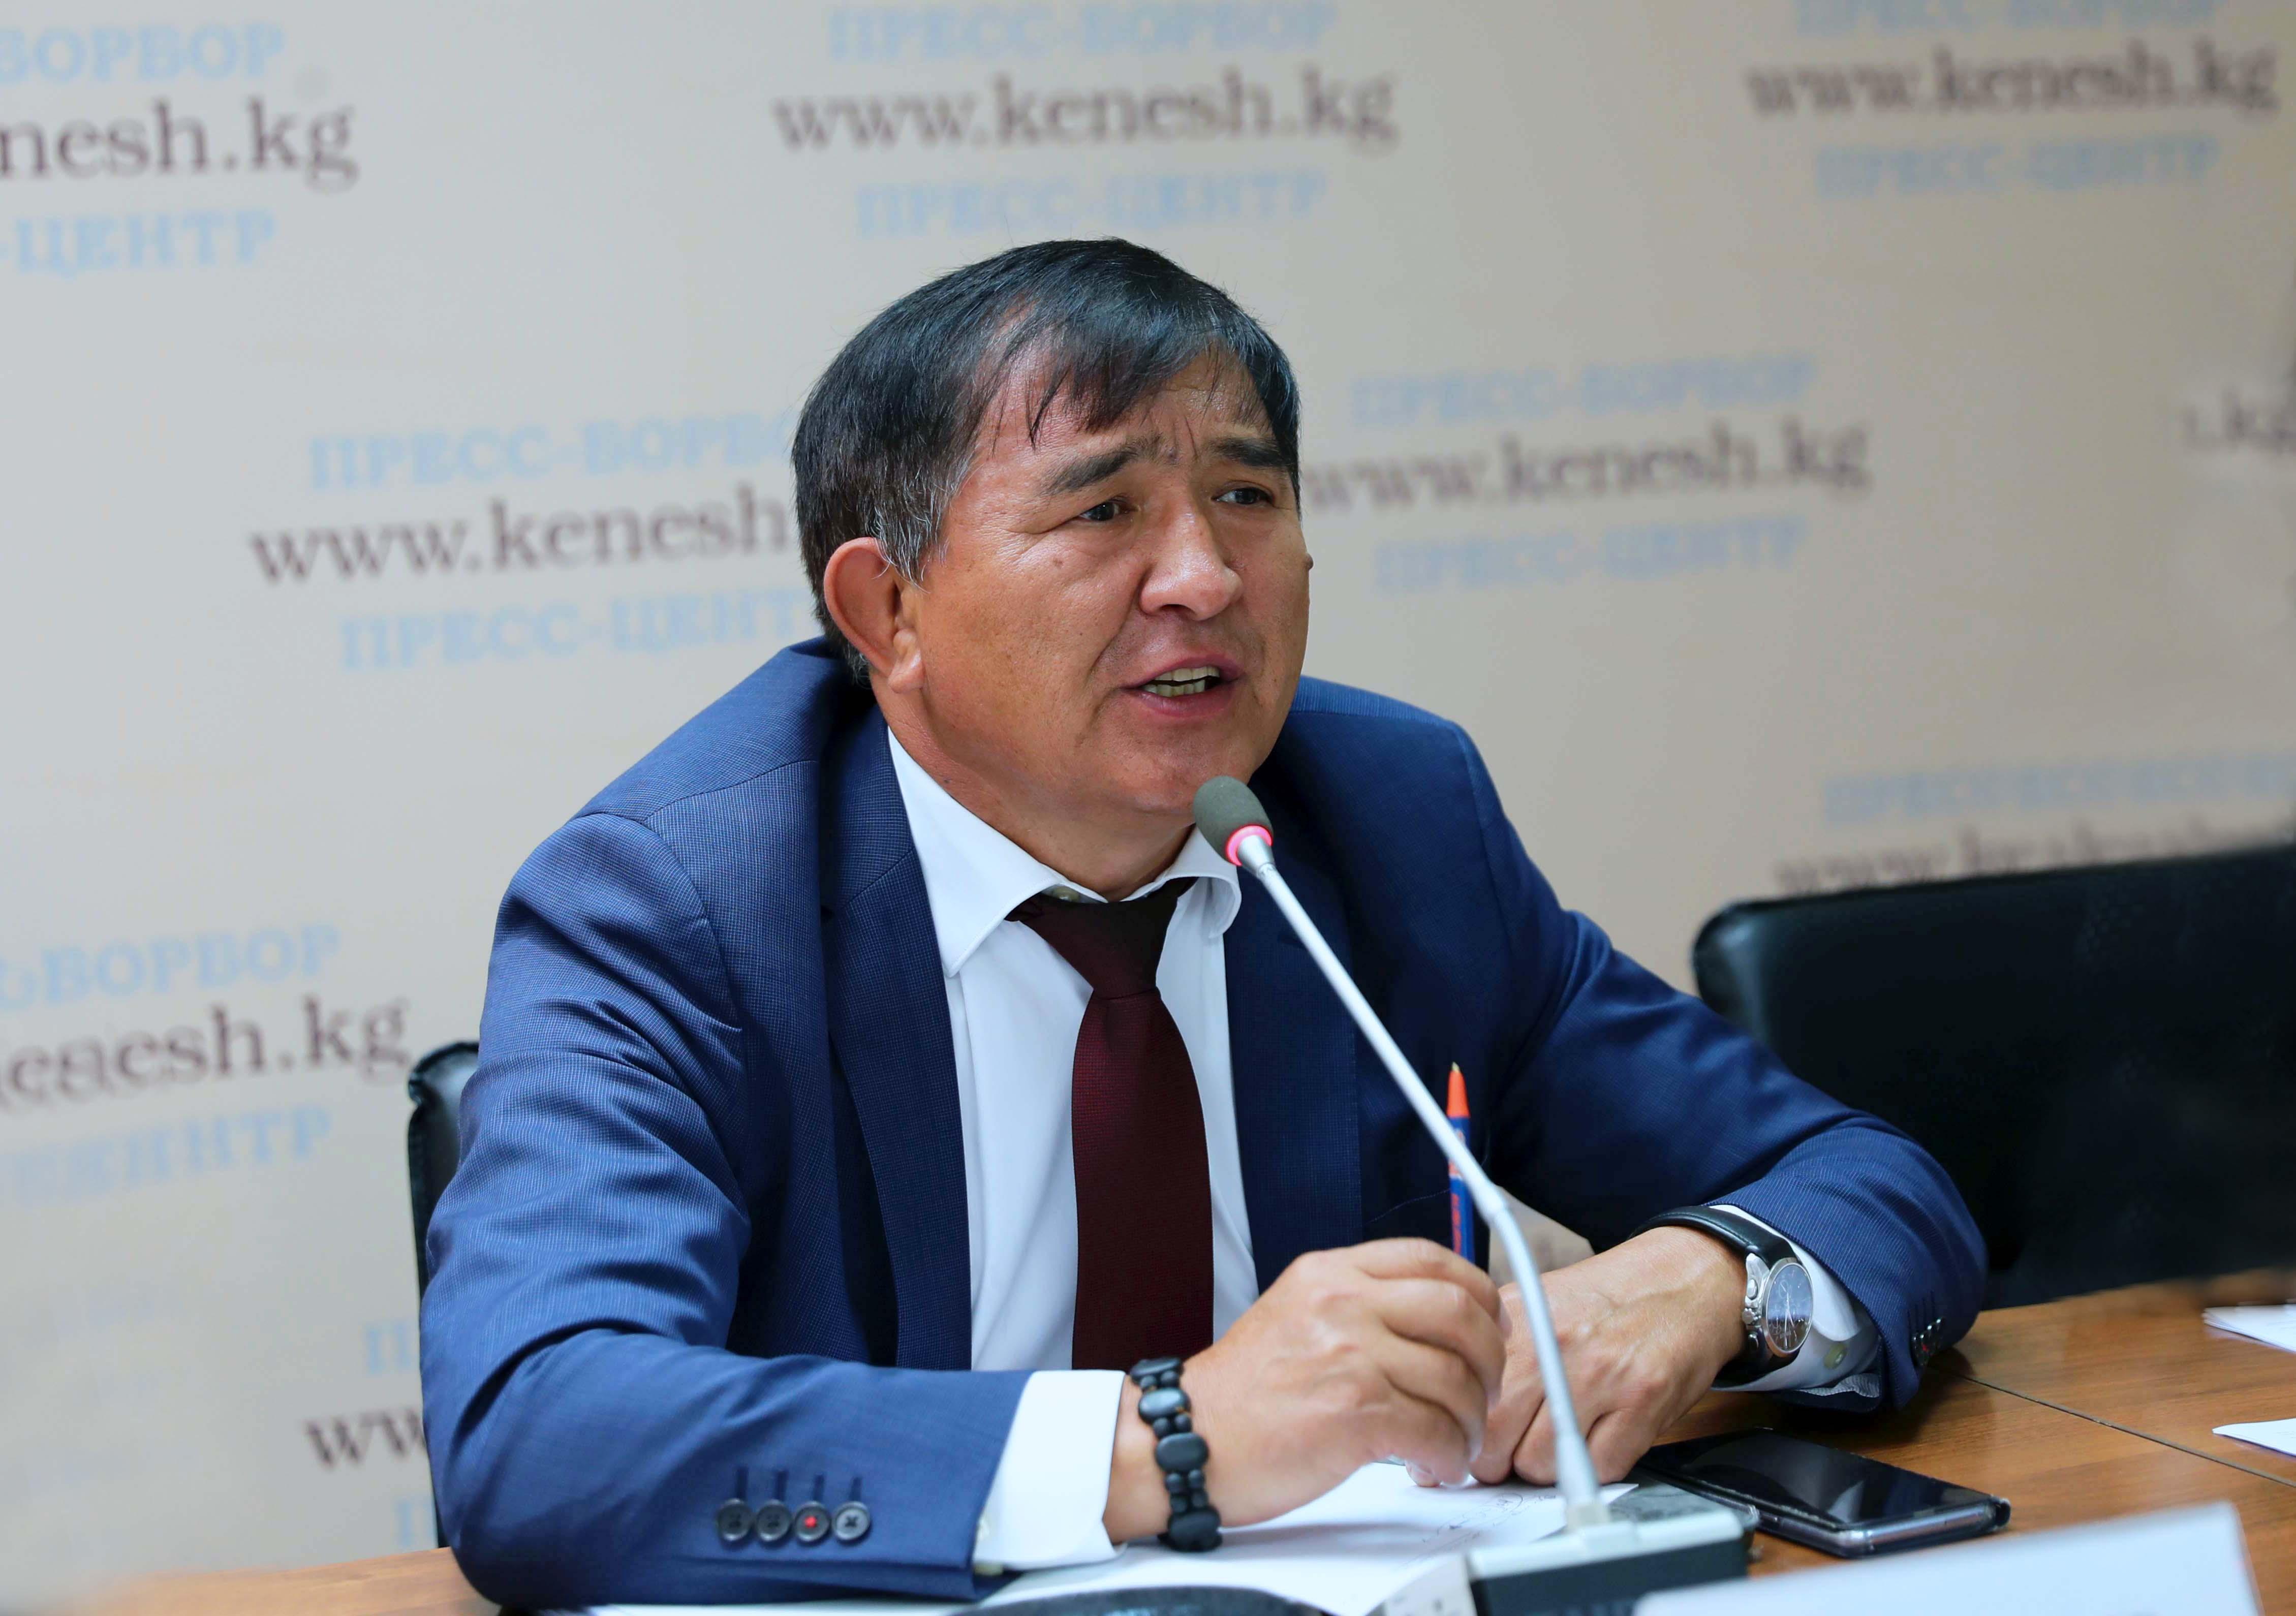 Депутат Экмат Байбакпаев энергиянын кайра жаралуучу булактарын өнүктүрүү керек экенин айтты